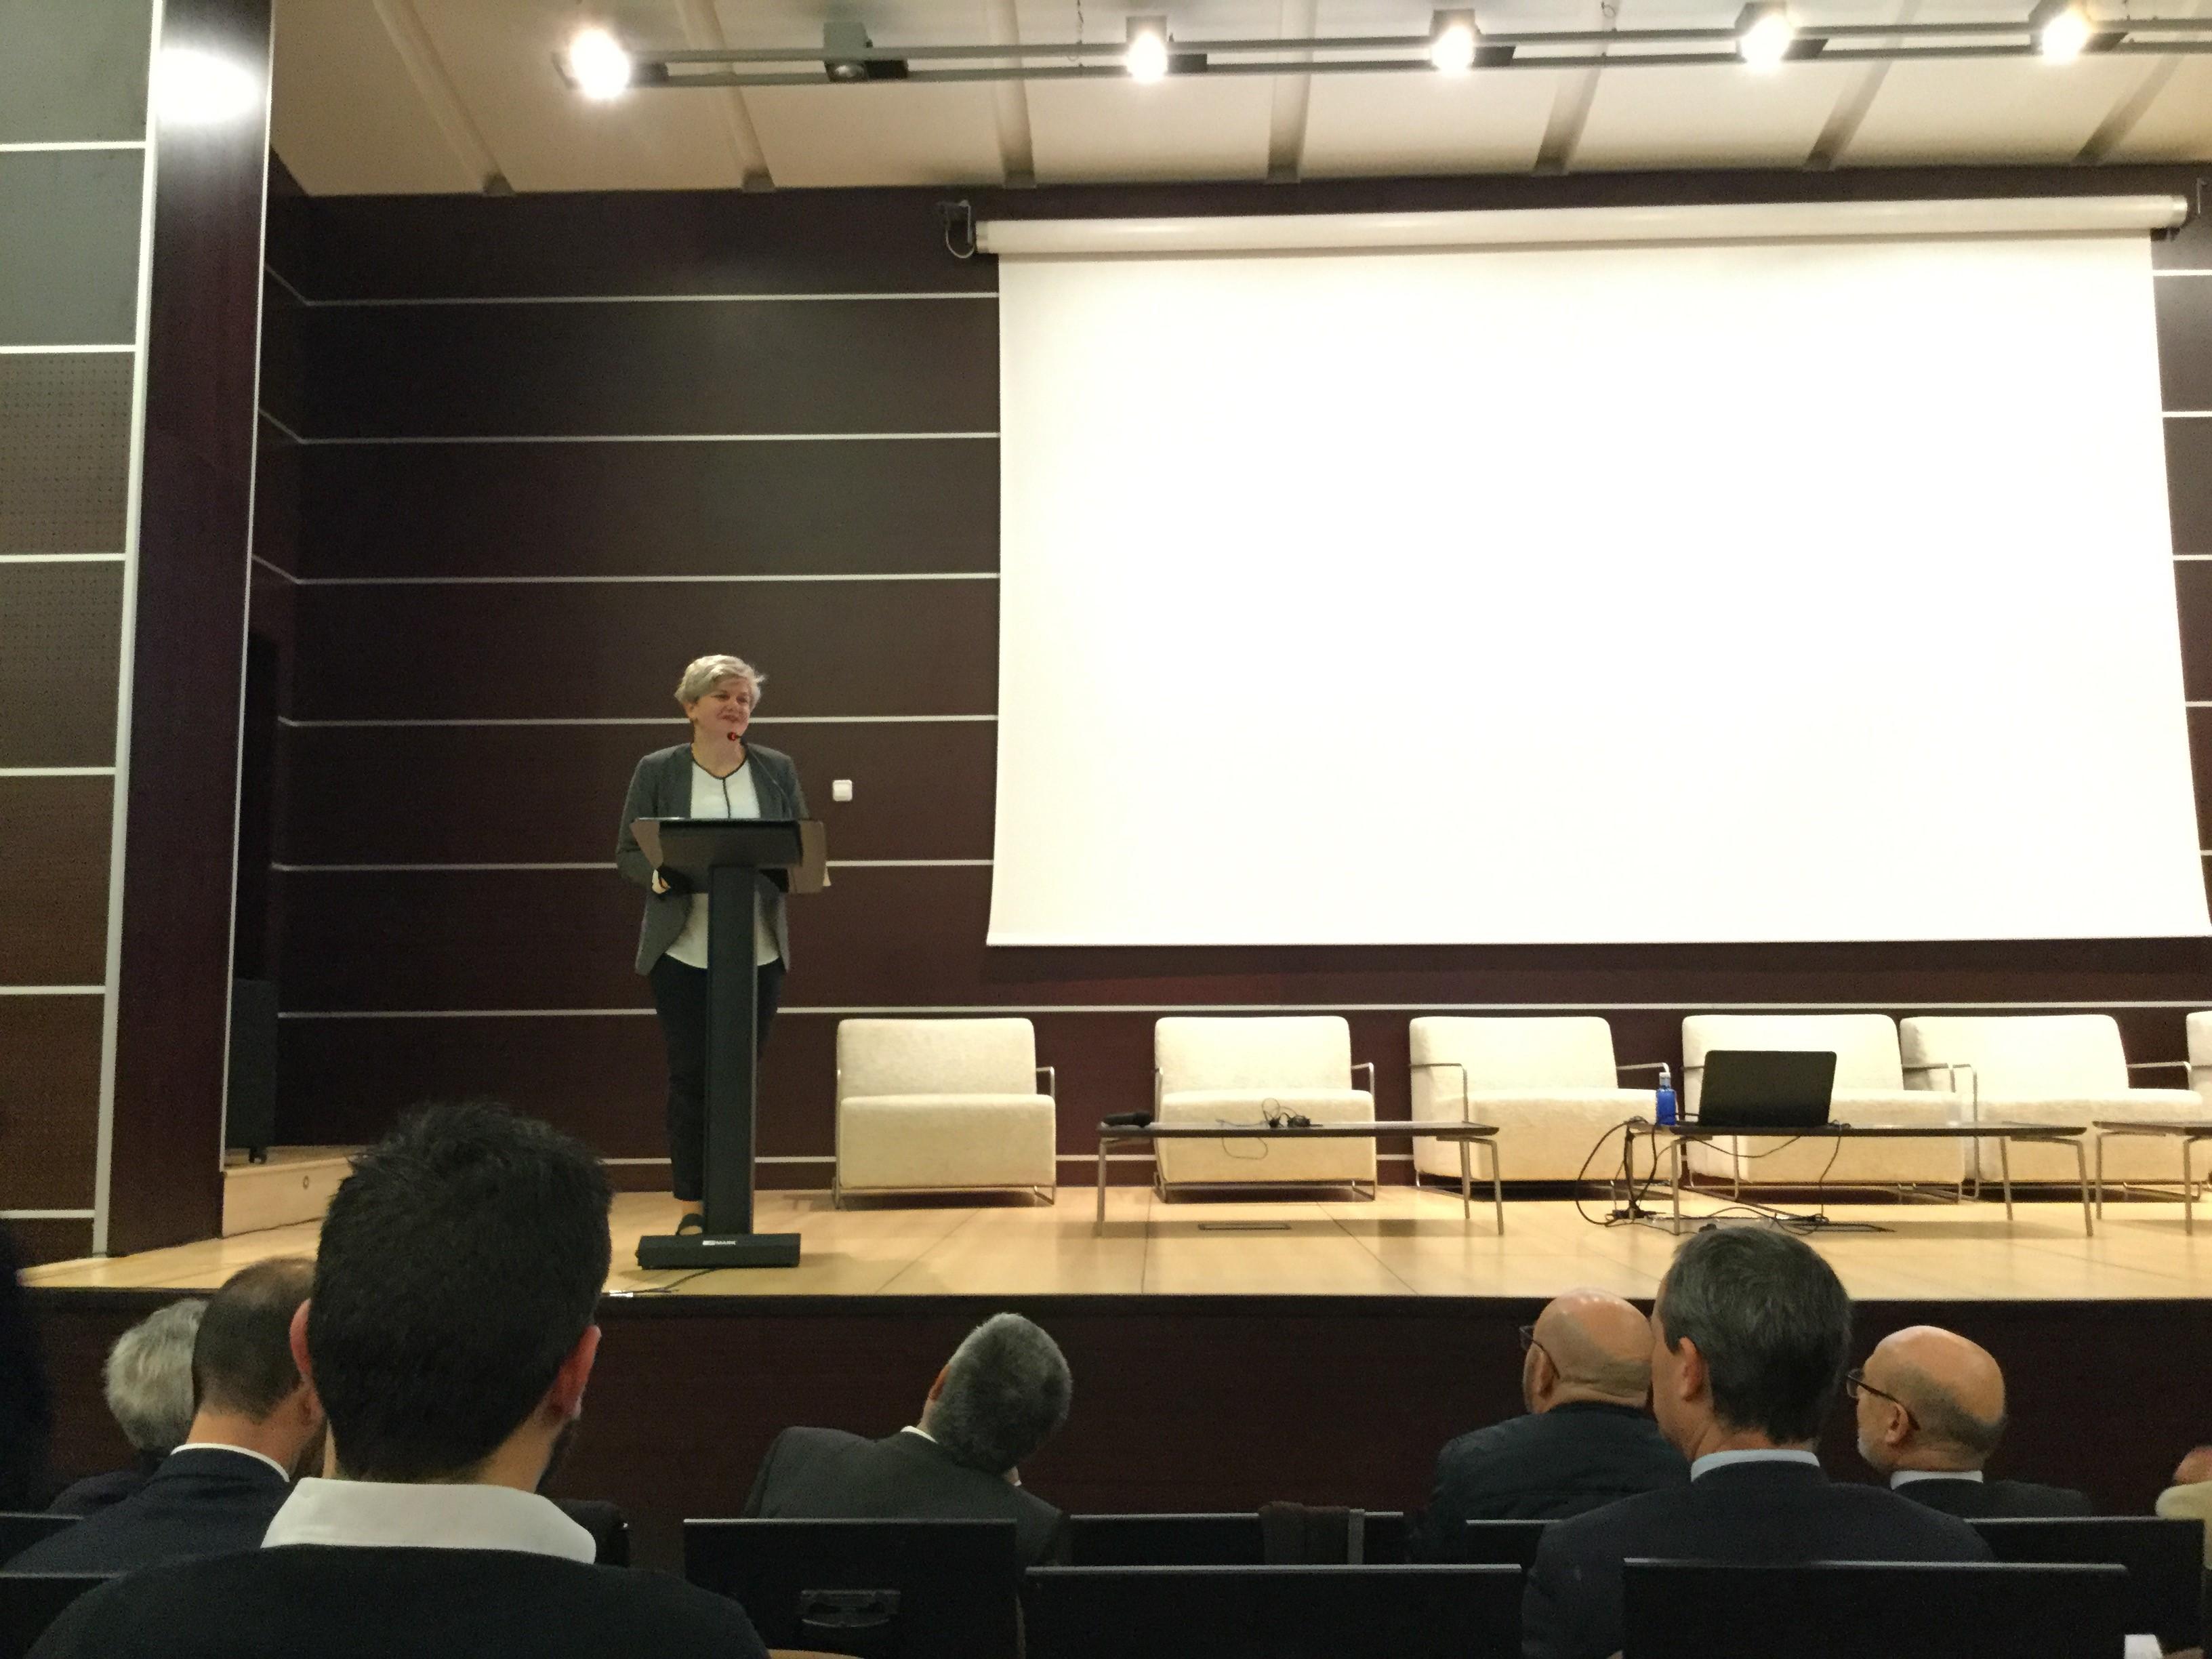 La diputada PIlar Moncho durante su intervención en Feria Valencia.